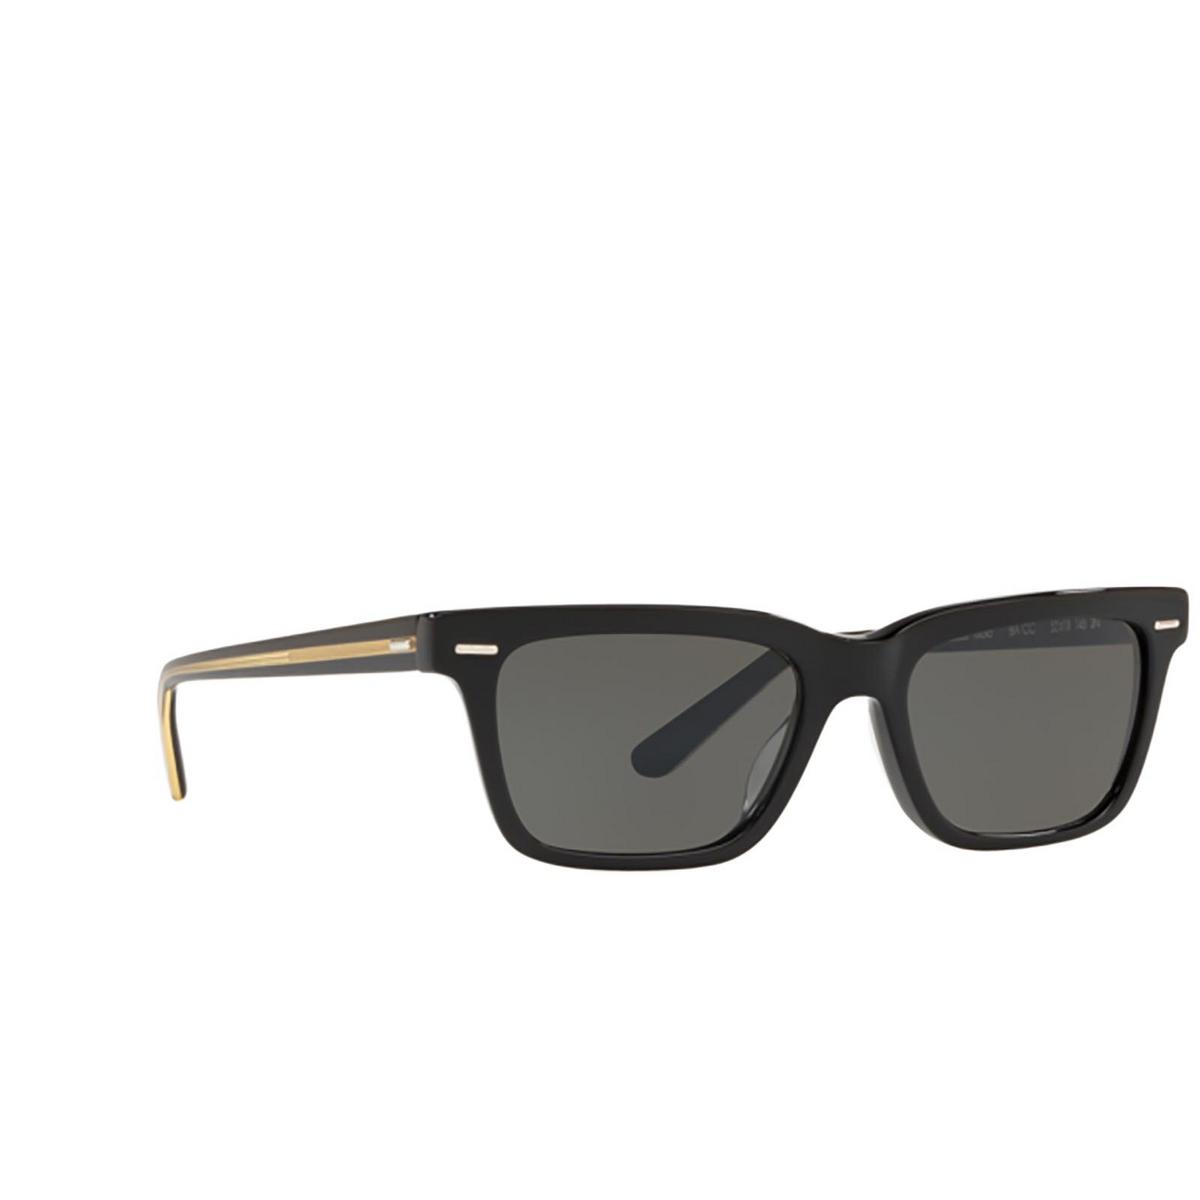 Oliver Peoples® Square Sunglasses: Ba Cc OV5388SU color Black 1005R5.